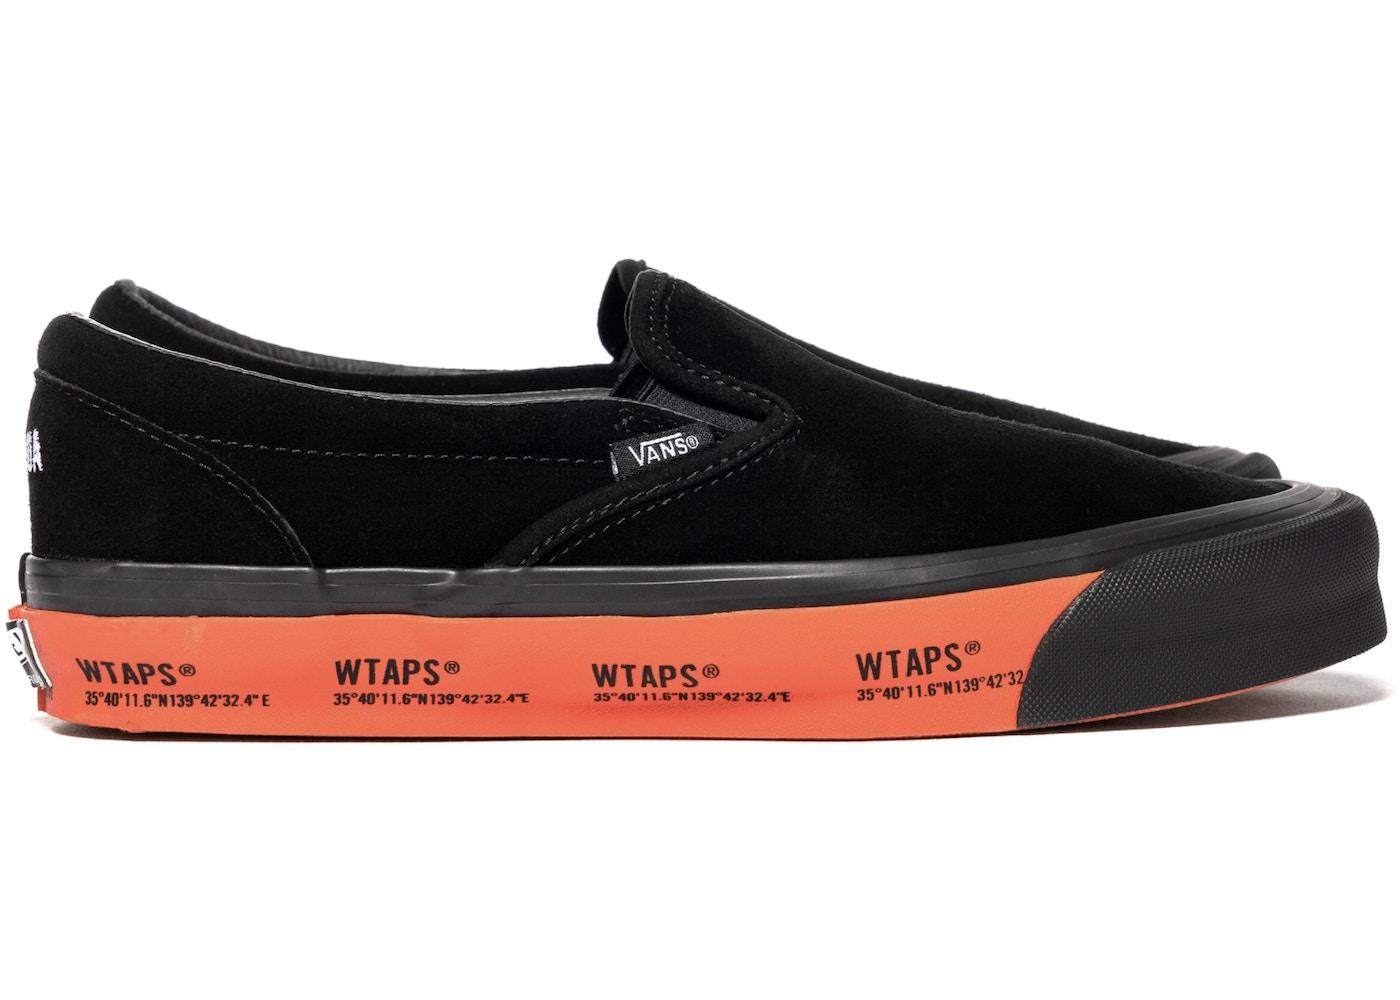 Vans Slip-On WTAPS Black Orange - VN0A45JK20E1